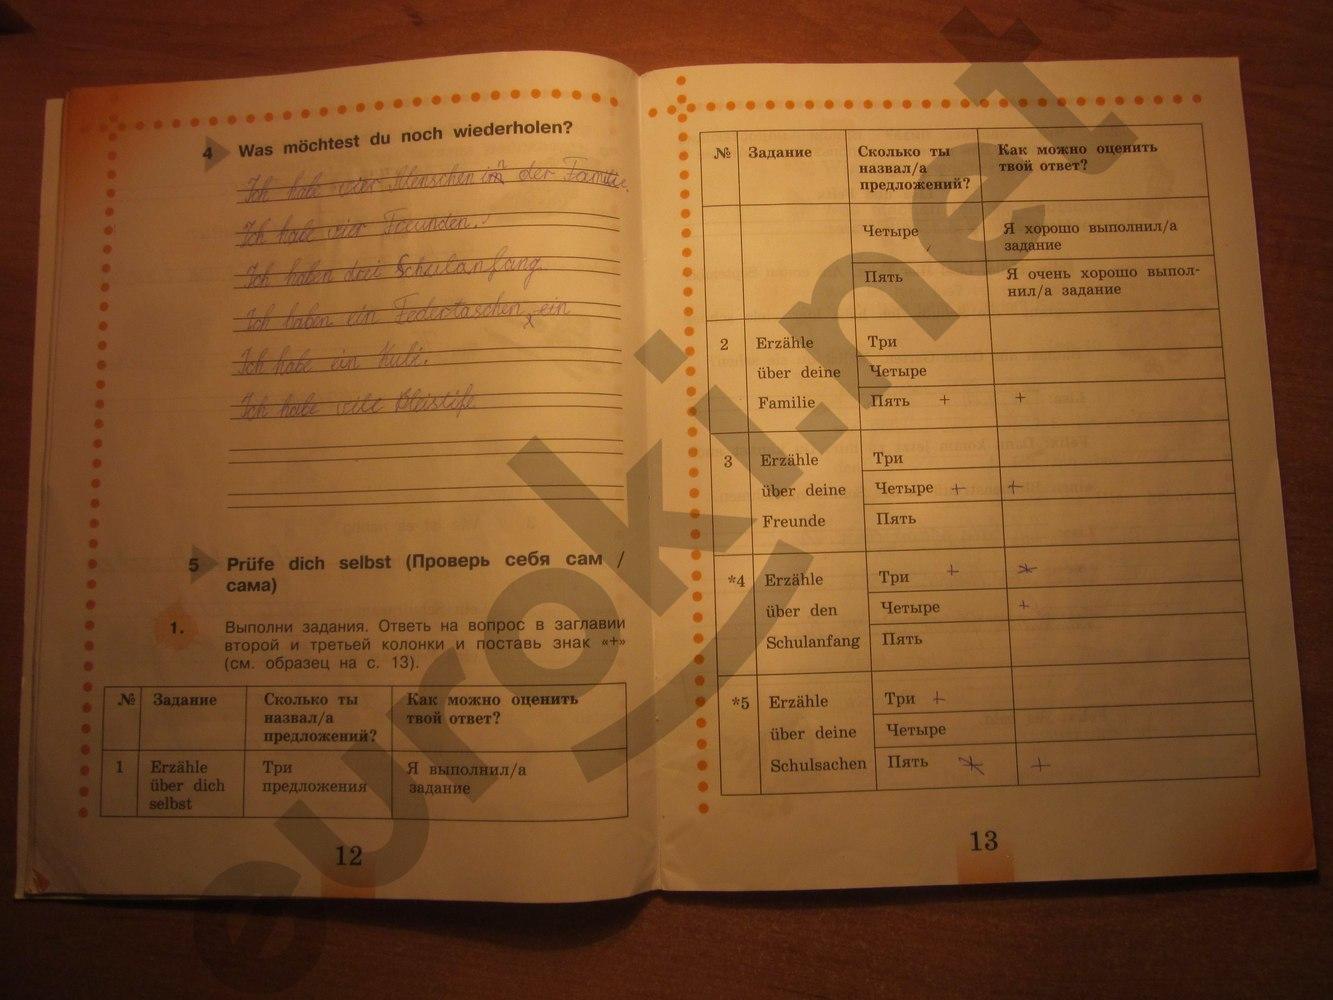 ГДЗ по немецкому языку 4 класс рабочая тетрадь Бим И.Л., Рыжова Л.И. Часть 1. Задание: стр. 12-13